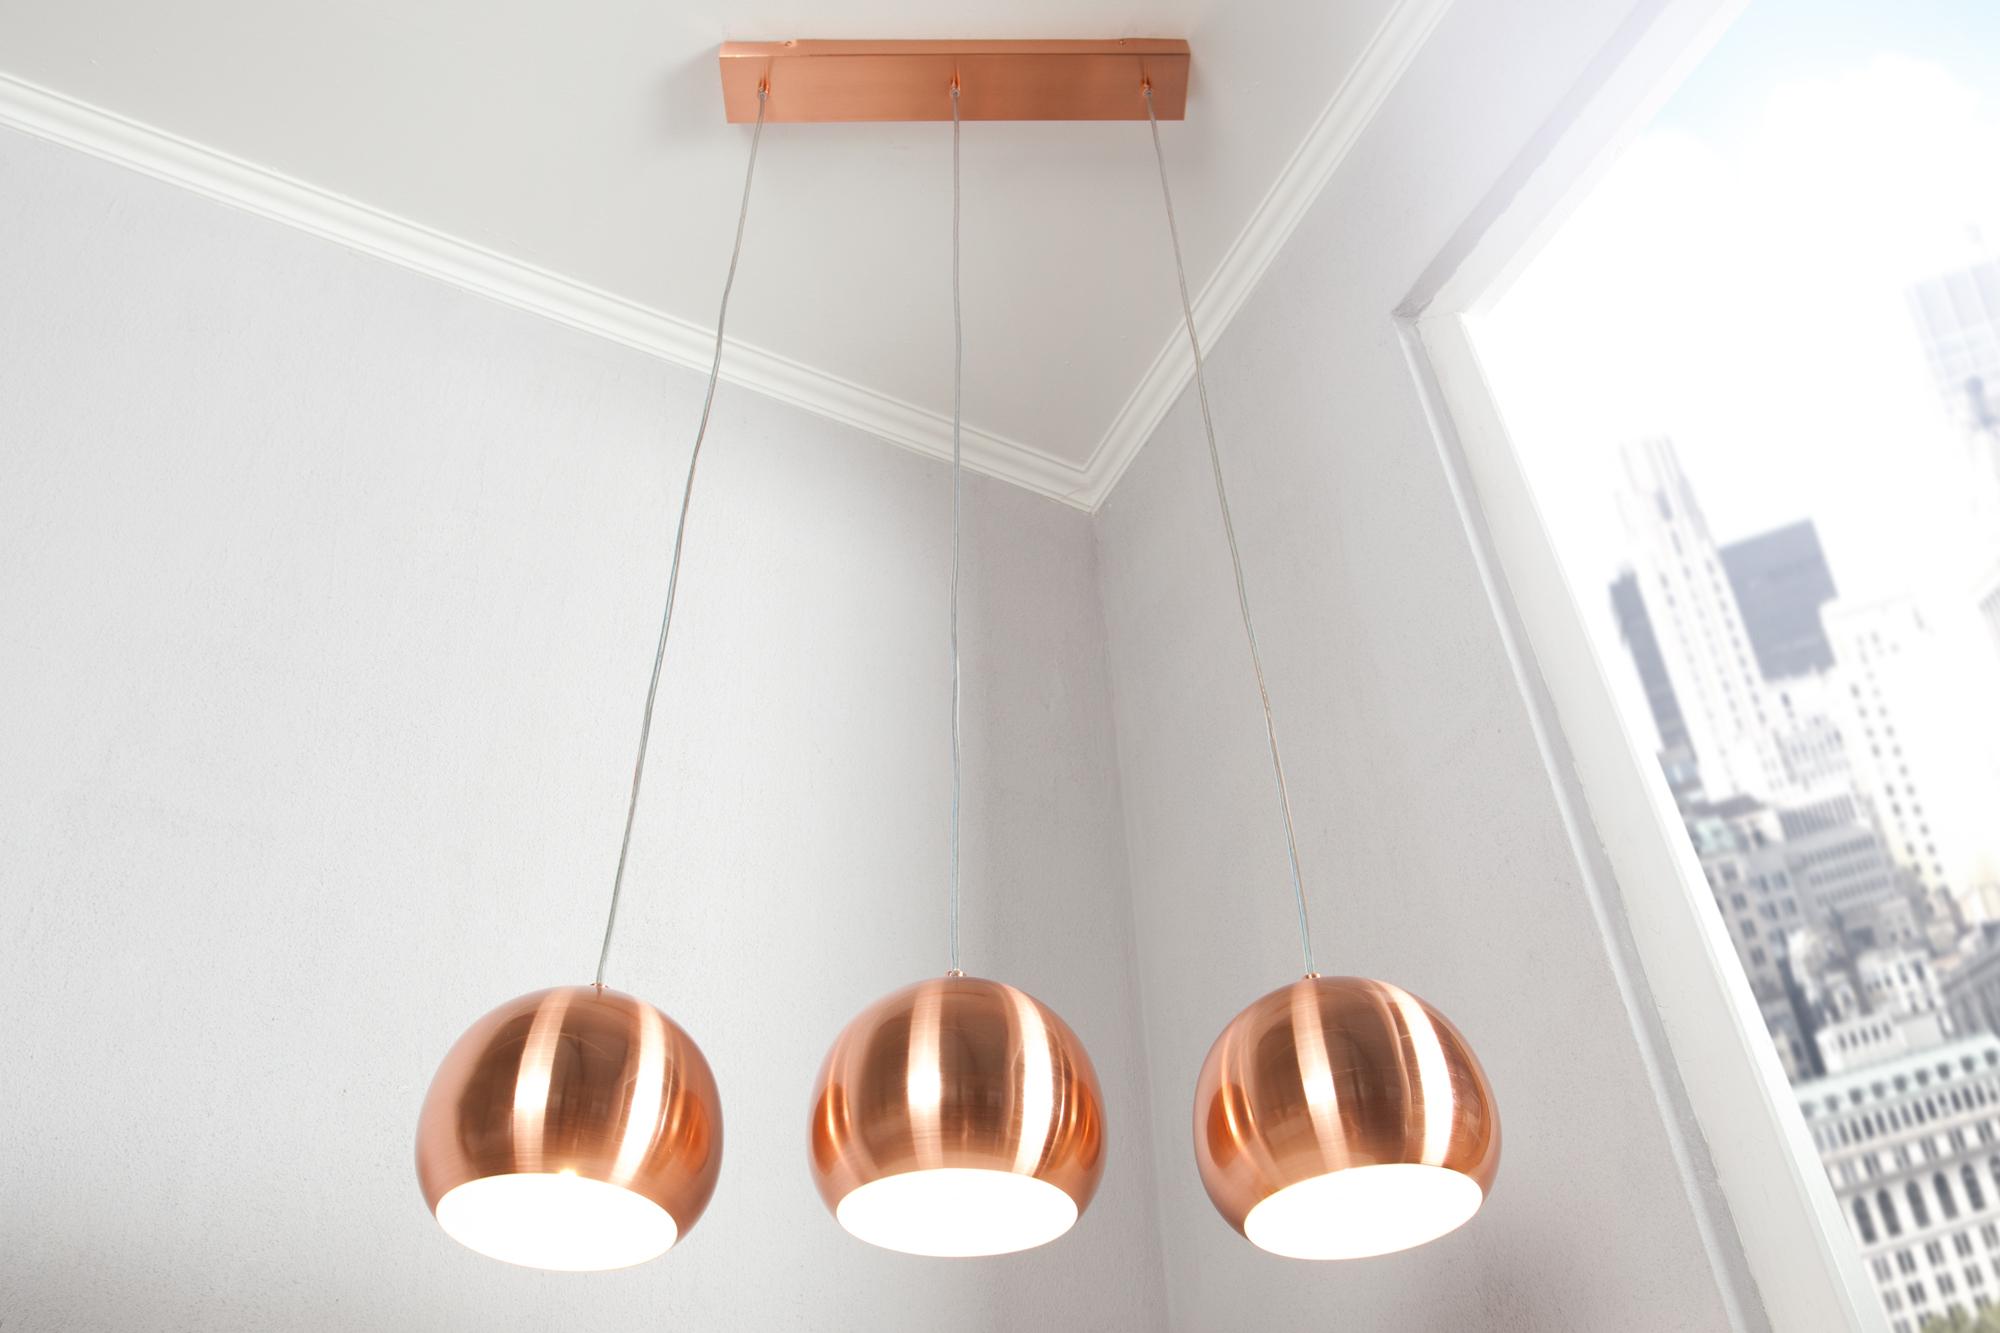 Pendelleuchte lang E27 Retro glänzend Wohnzimmer Esszimmer ...